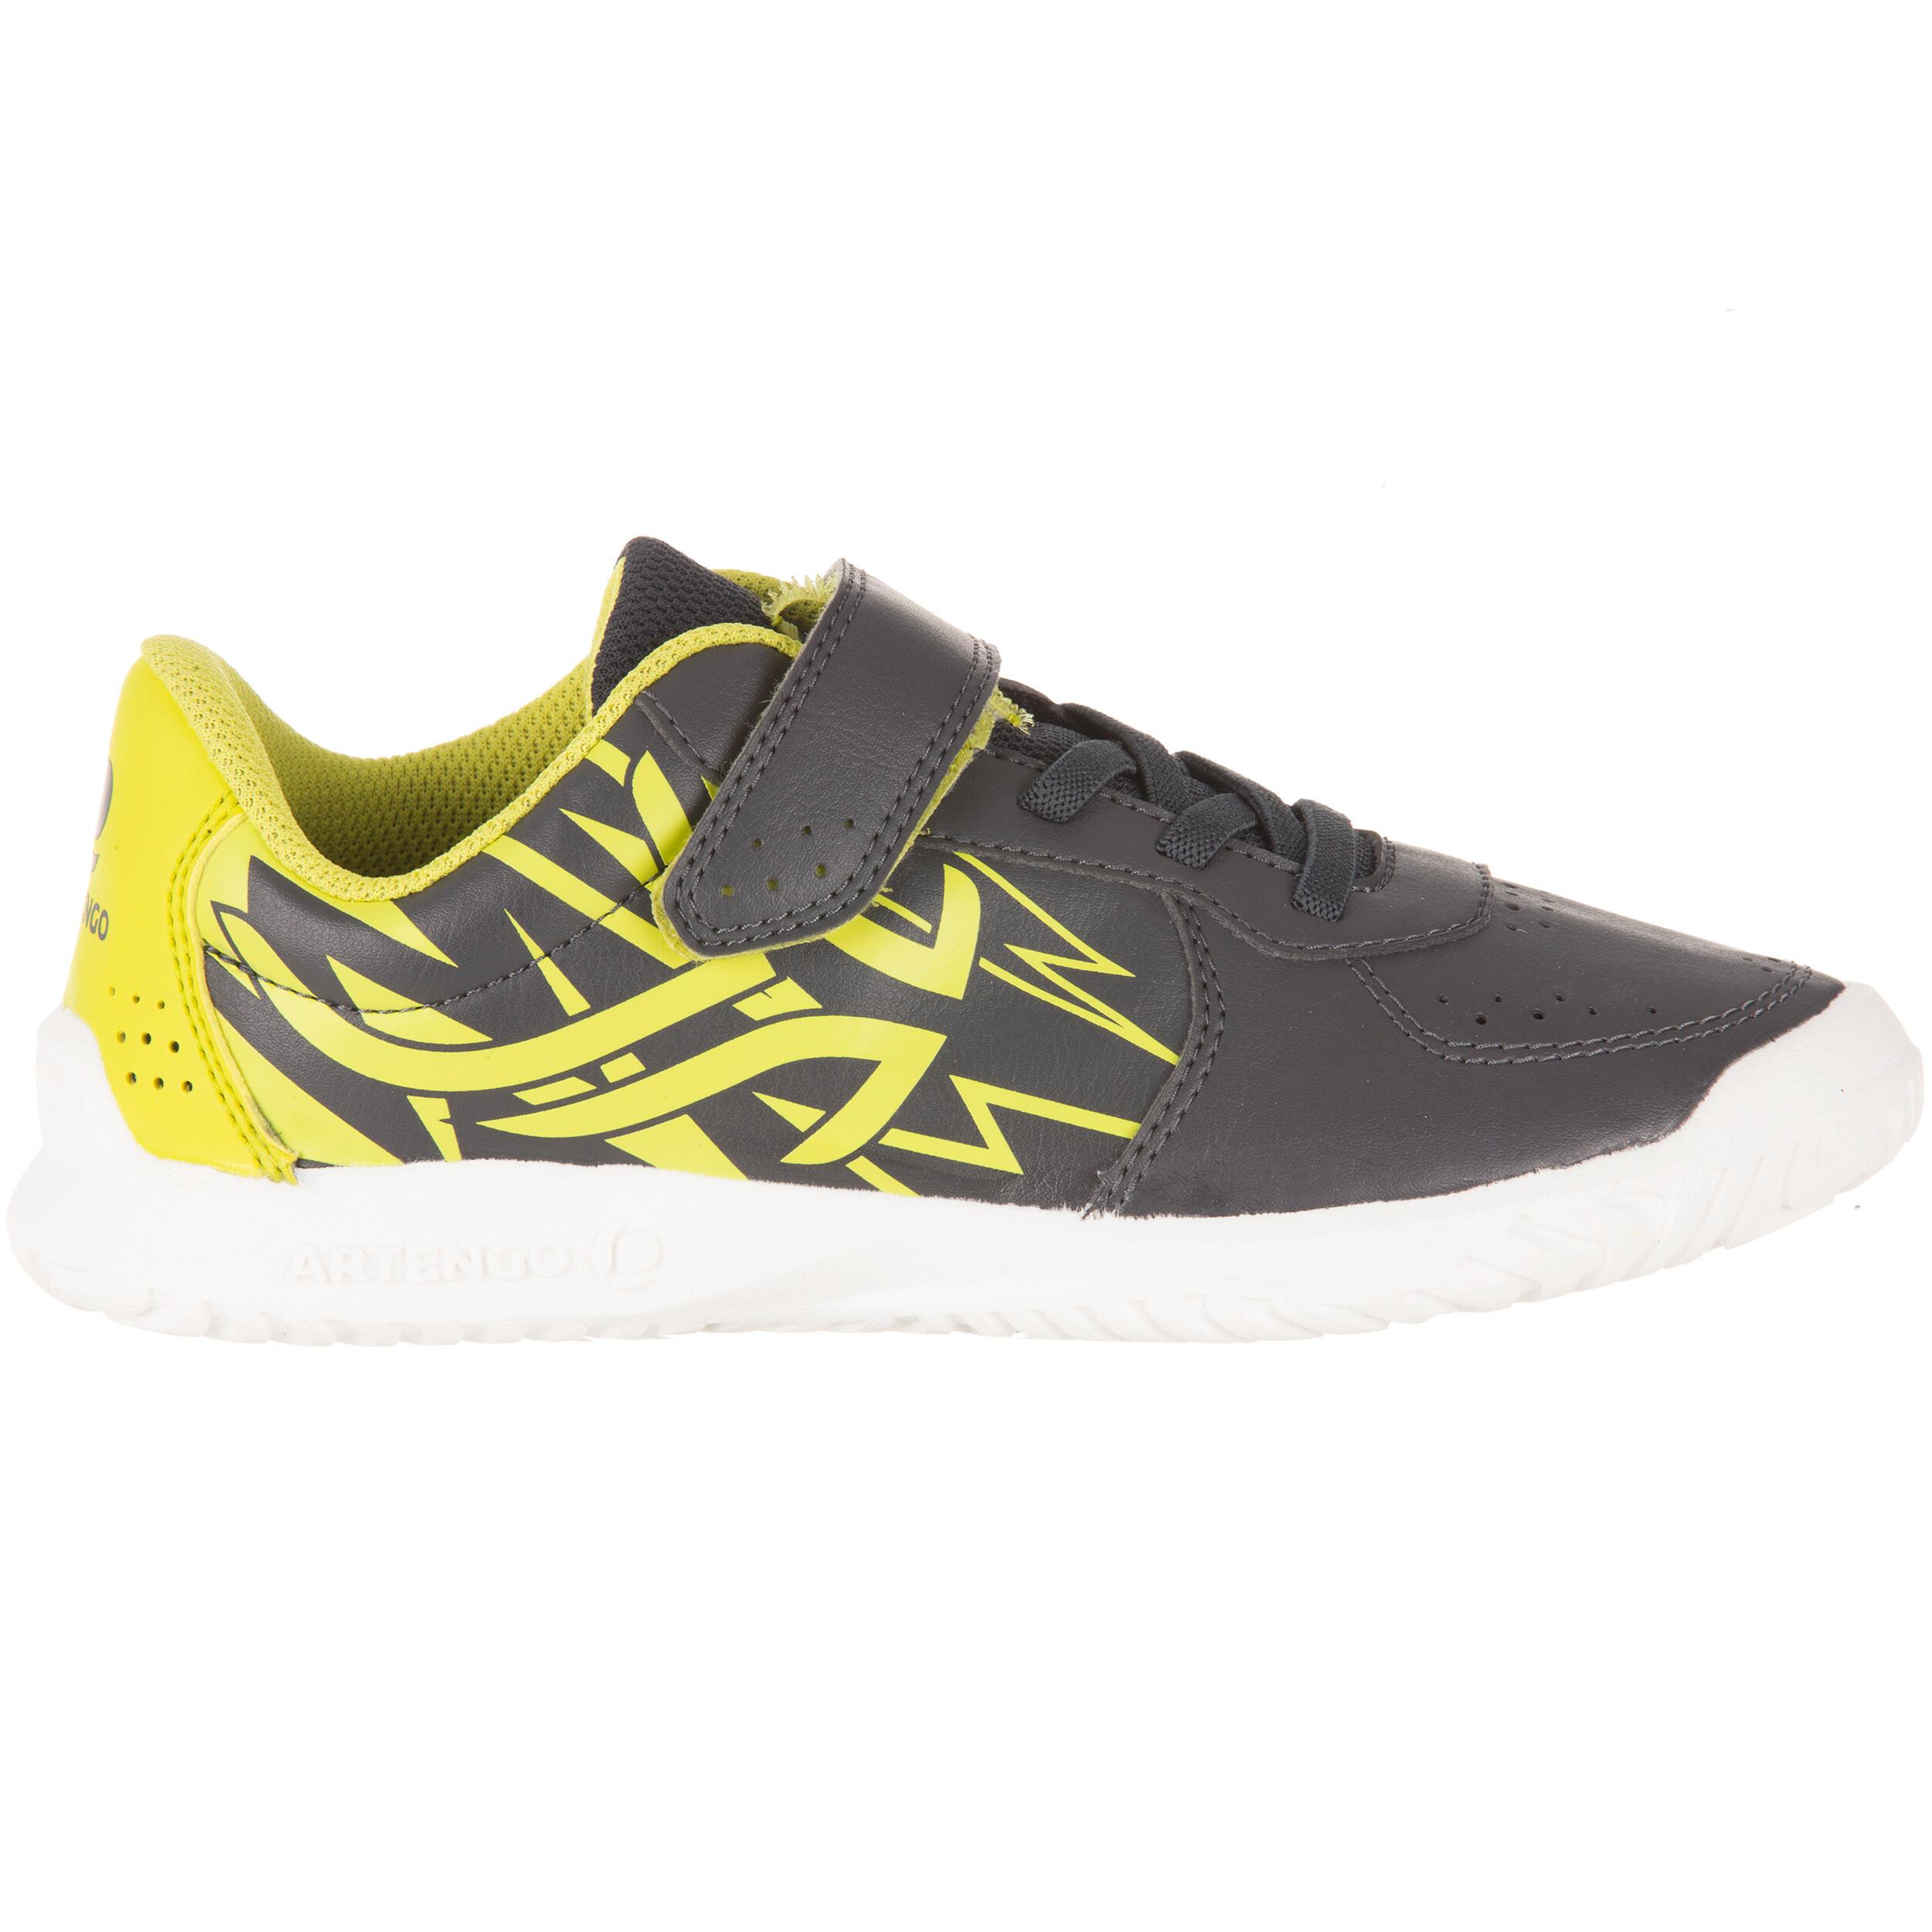 Artengo Tennisschoenen voor kinderen Artengo TS130